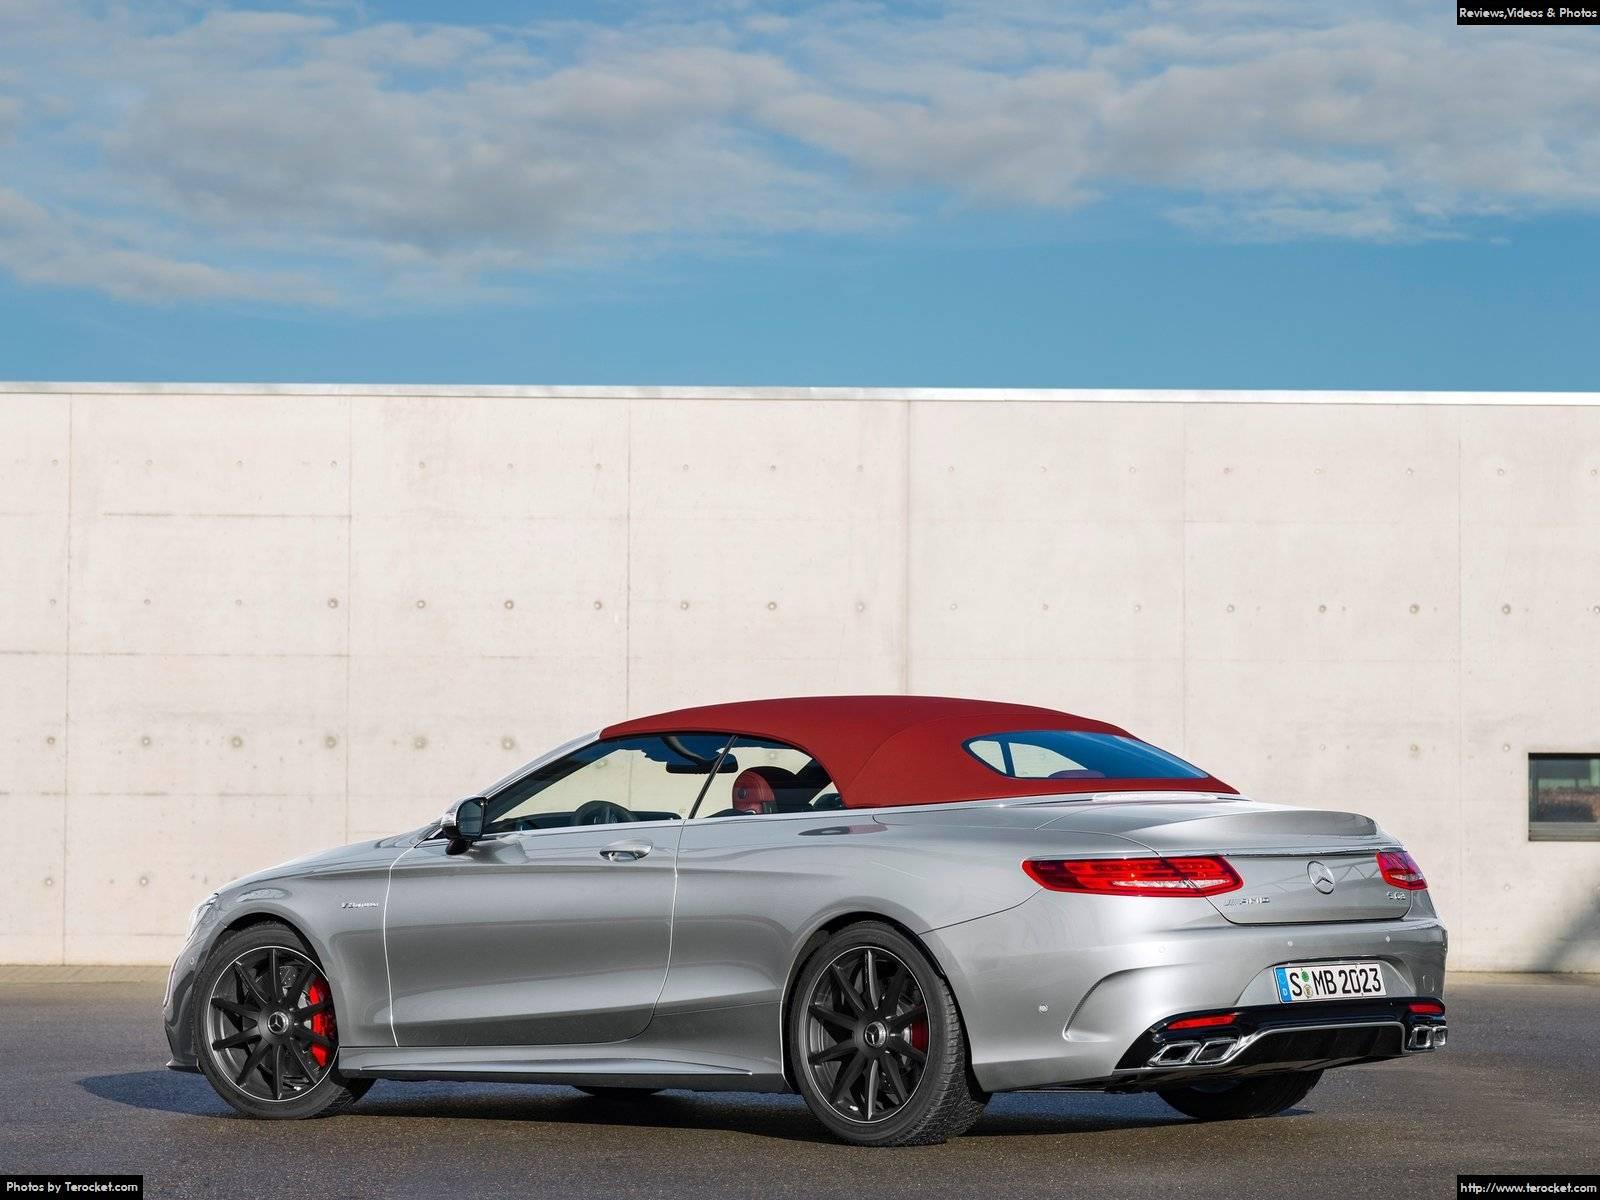 Hình ảnh xe ô tô Mercedes-Benz S63 AMG 4Matic Cabriolet Edition 130 2016 & nội ngoại thất